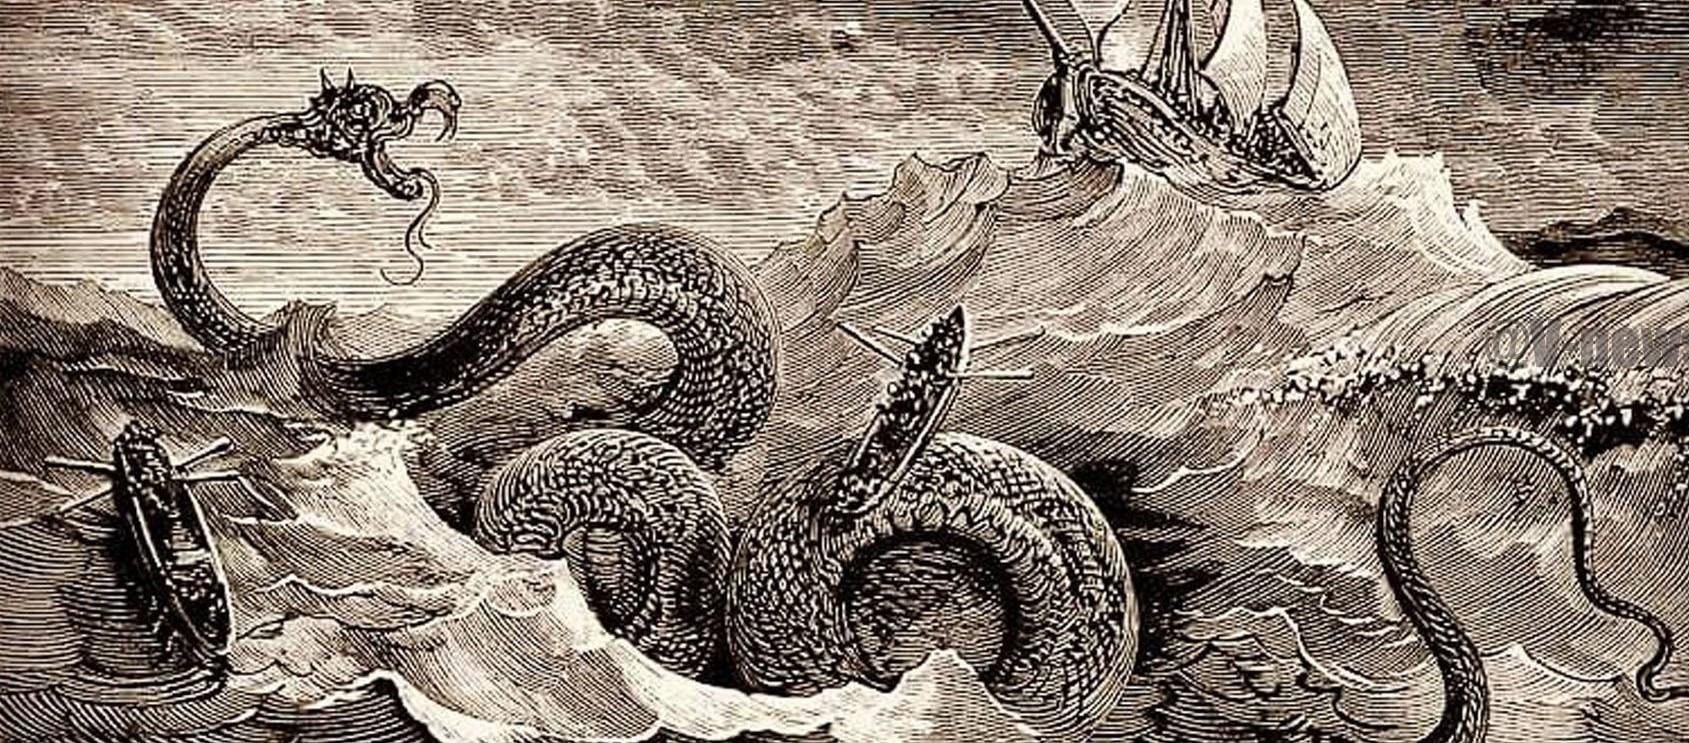 Miti e leggende: Leviatano, mostro degli abissi